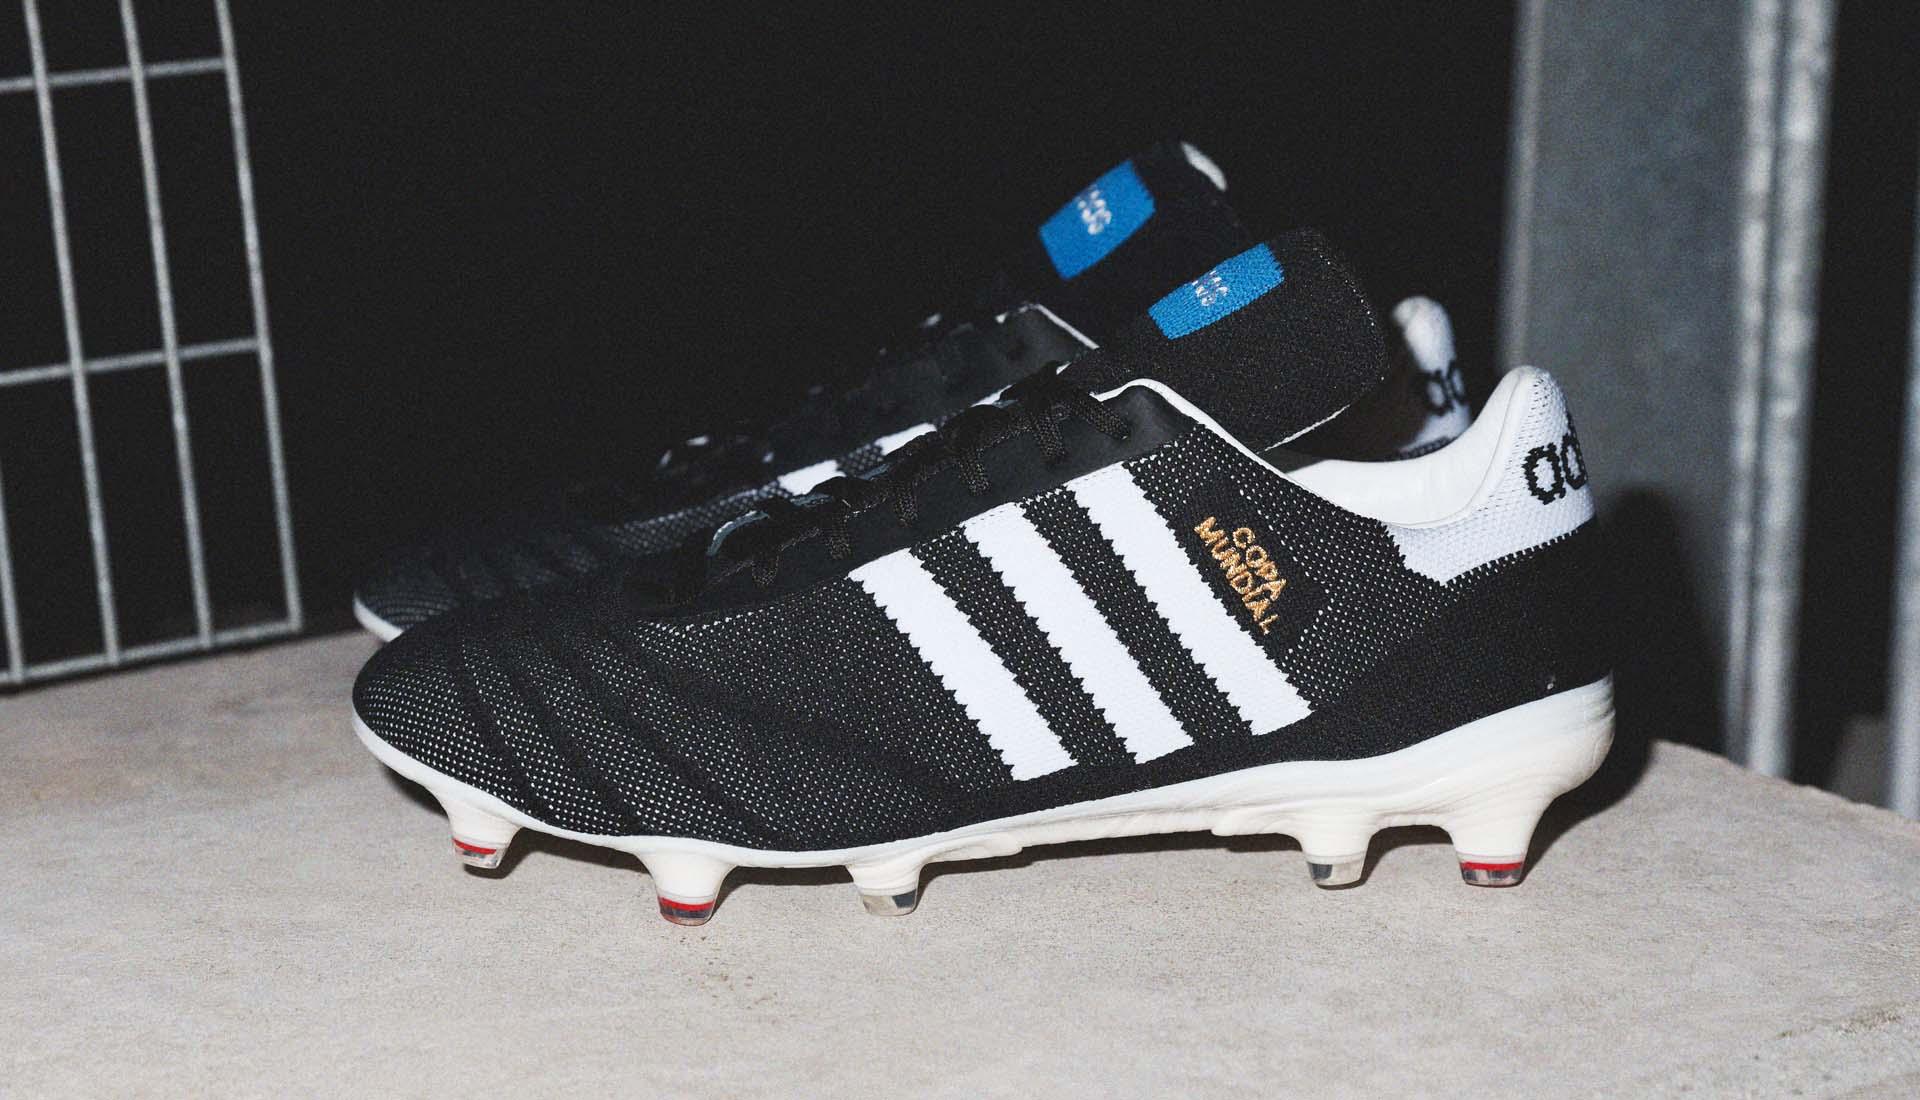 tratar con consonante crítico  SoccerBible's Top 20 Football Boots of 2019 - SoccerBible